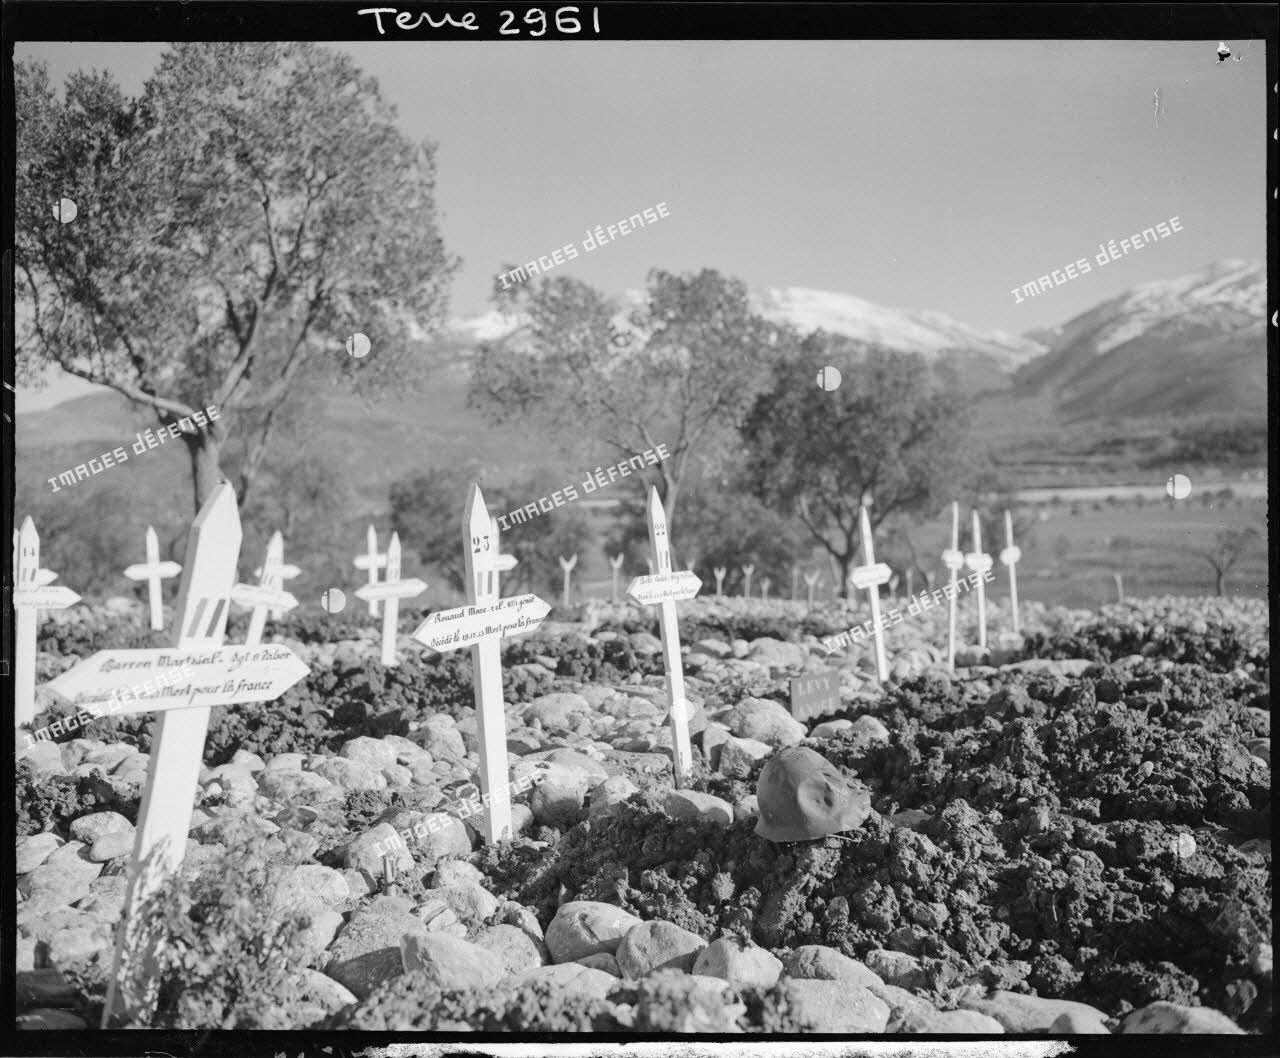 Tombes dans le cimetière de la 2e division d'infanterie marocaine (DIM) à Roccaravindola, dans le secteur de Venafro. Au premier plan, les tombes de soldats du 8e tabor et du 87e bataillon du génie.